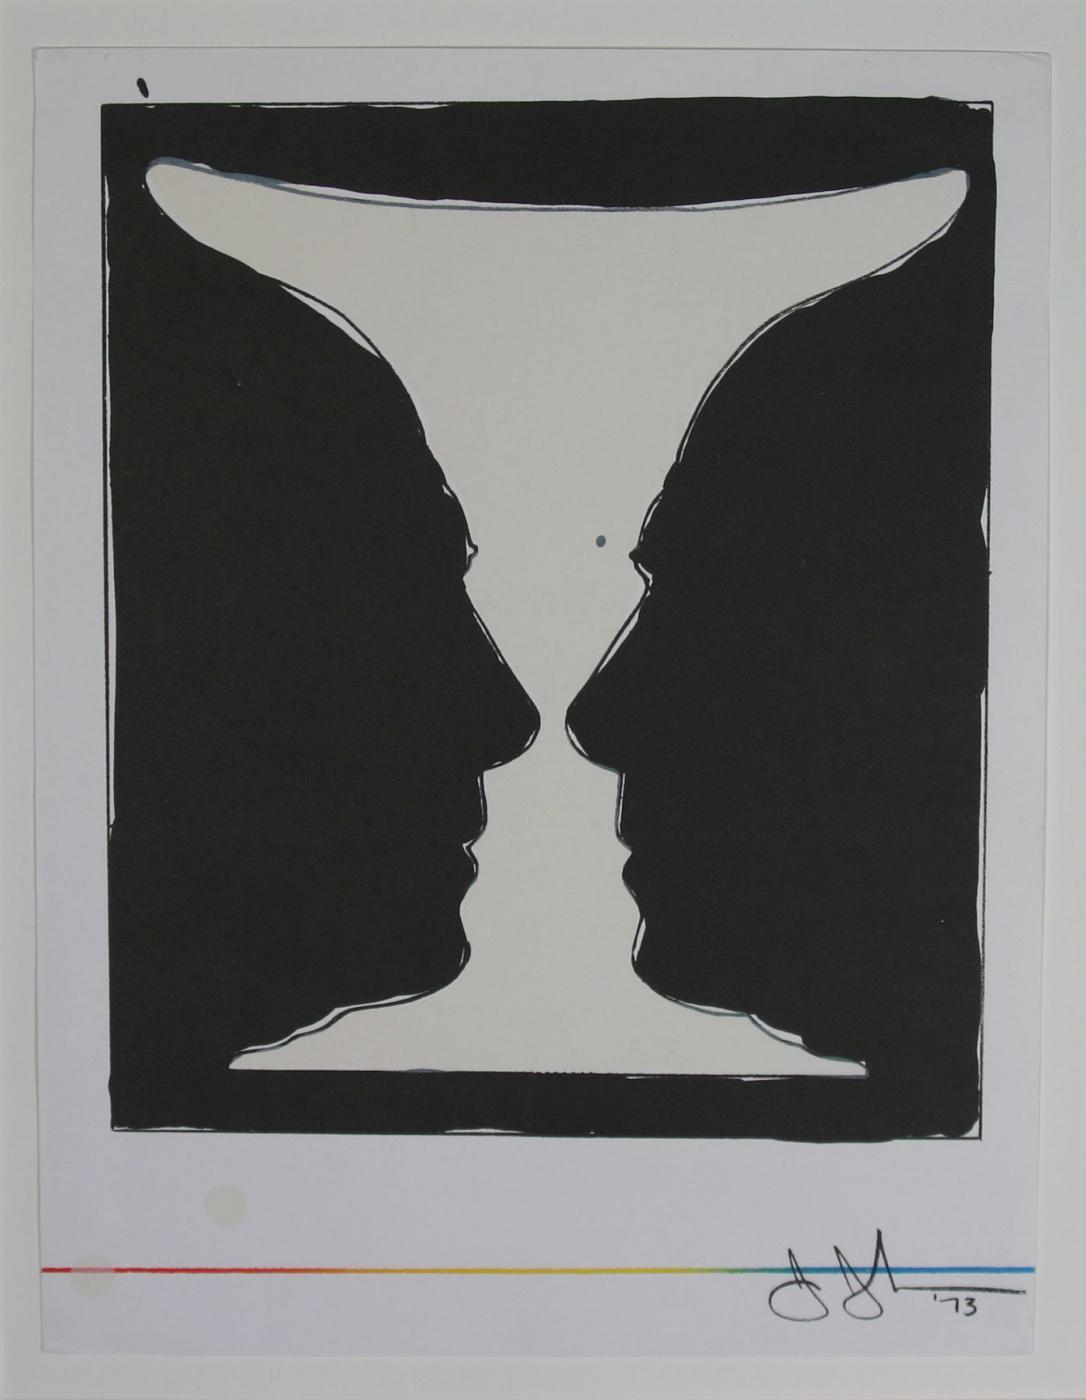 Jasper Jones. Cup 2 Picasso